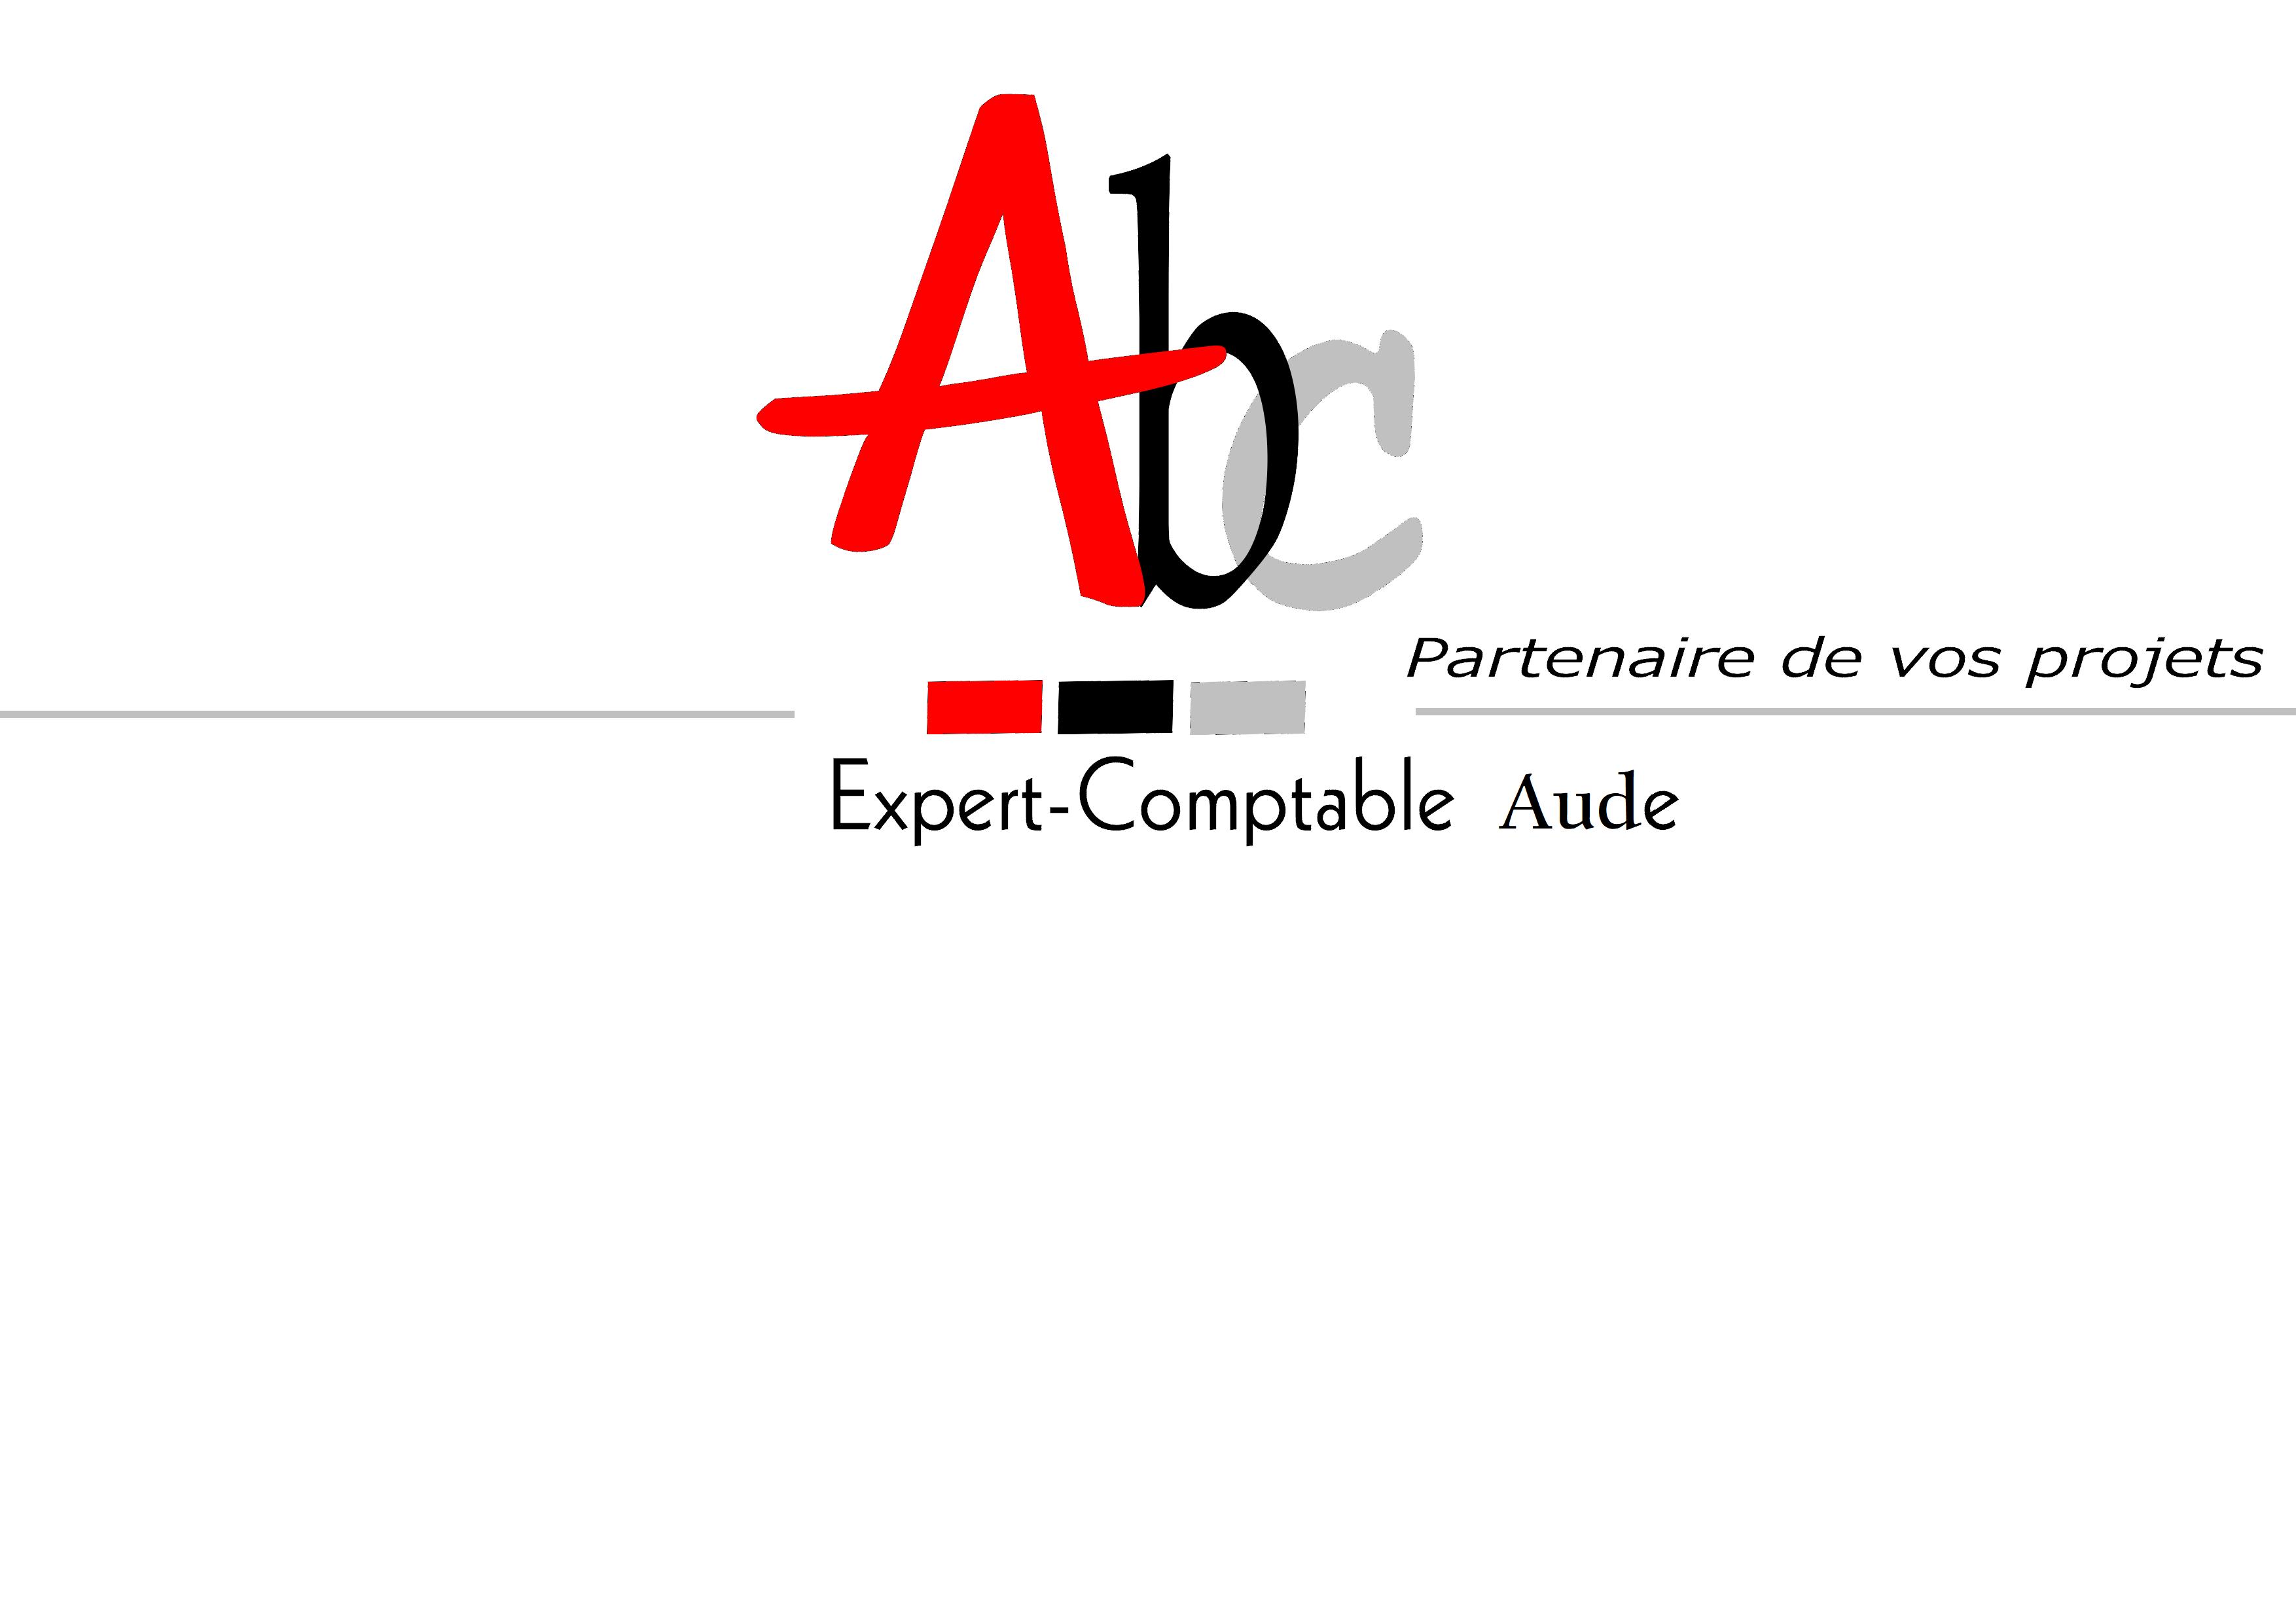 LOGO ABC PARTENAIRE DE VOS PROJETS RR